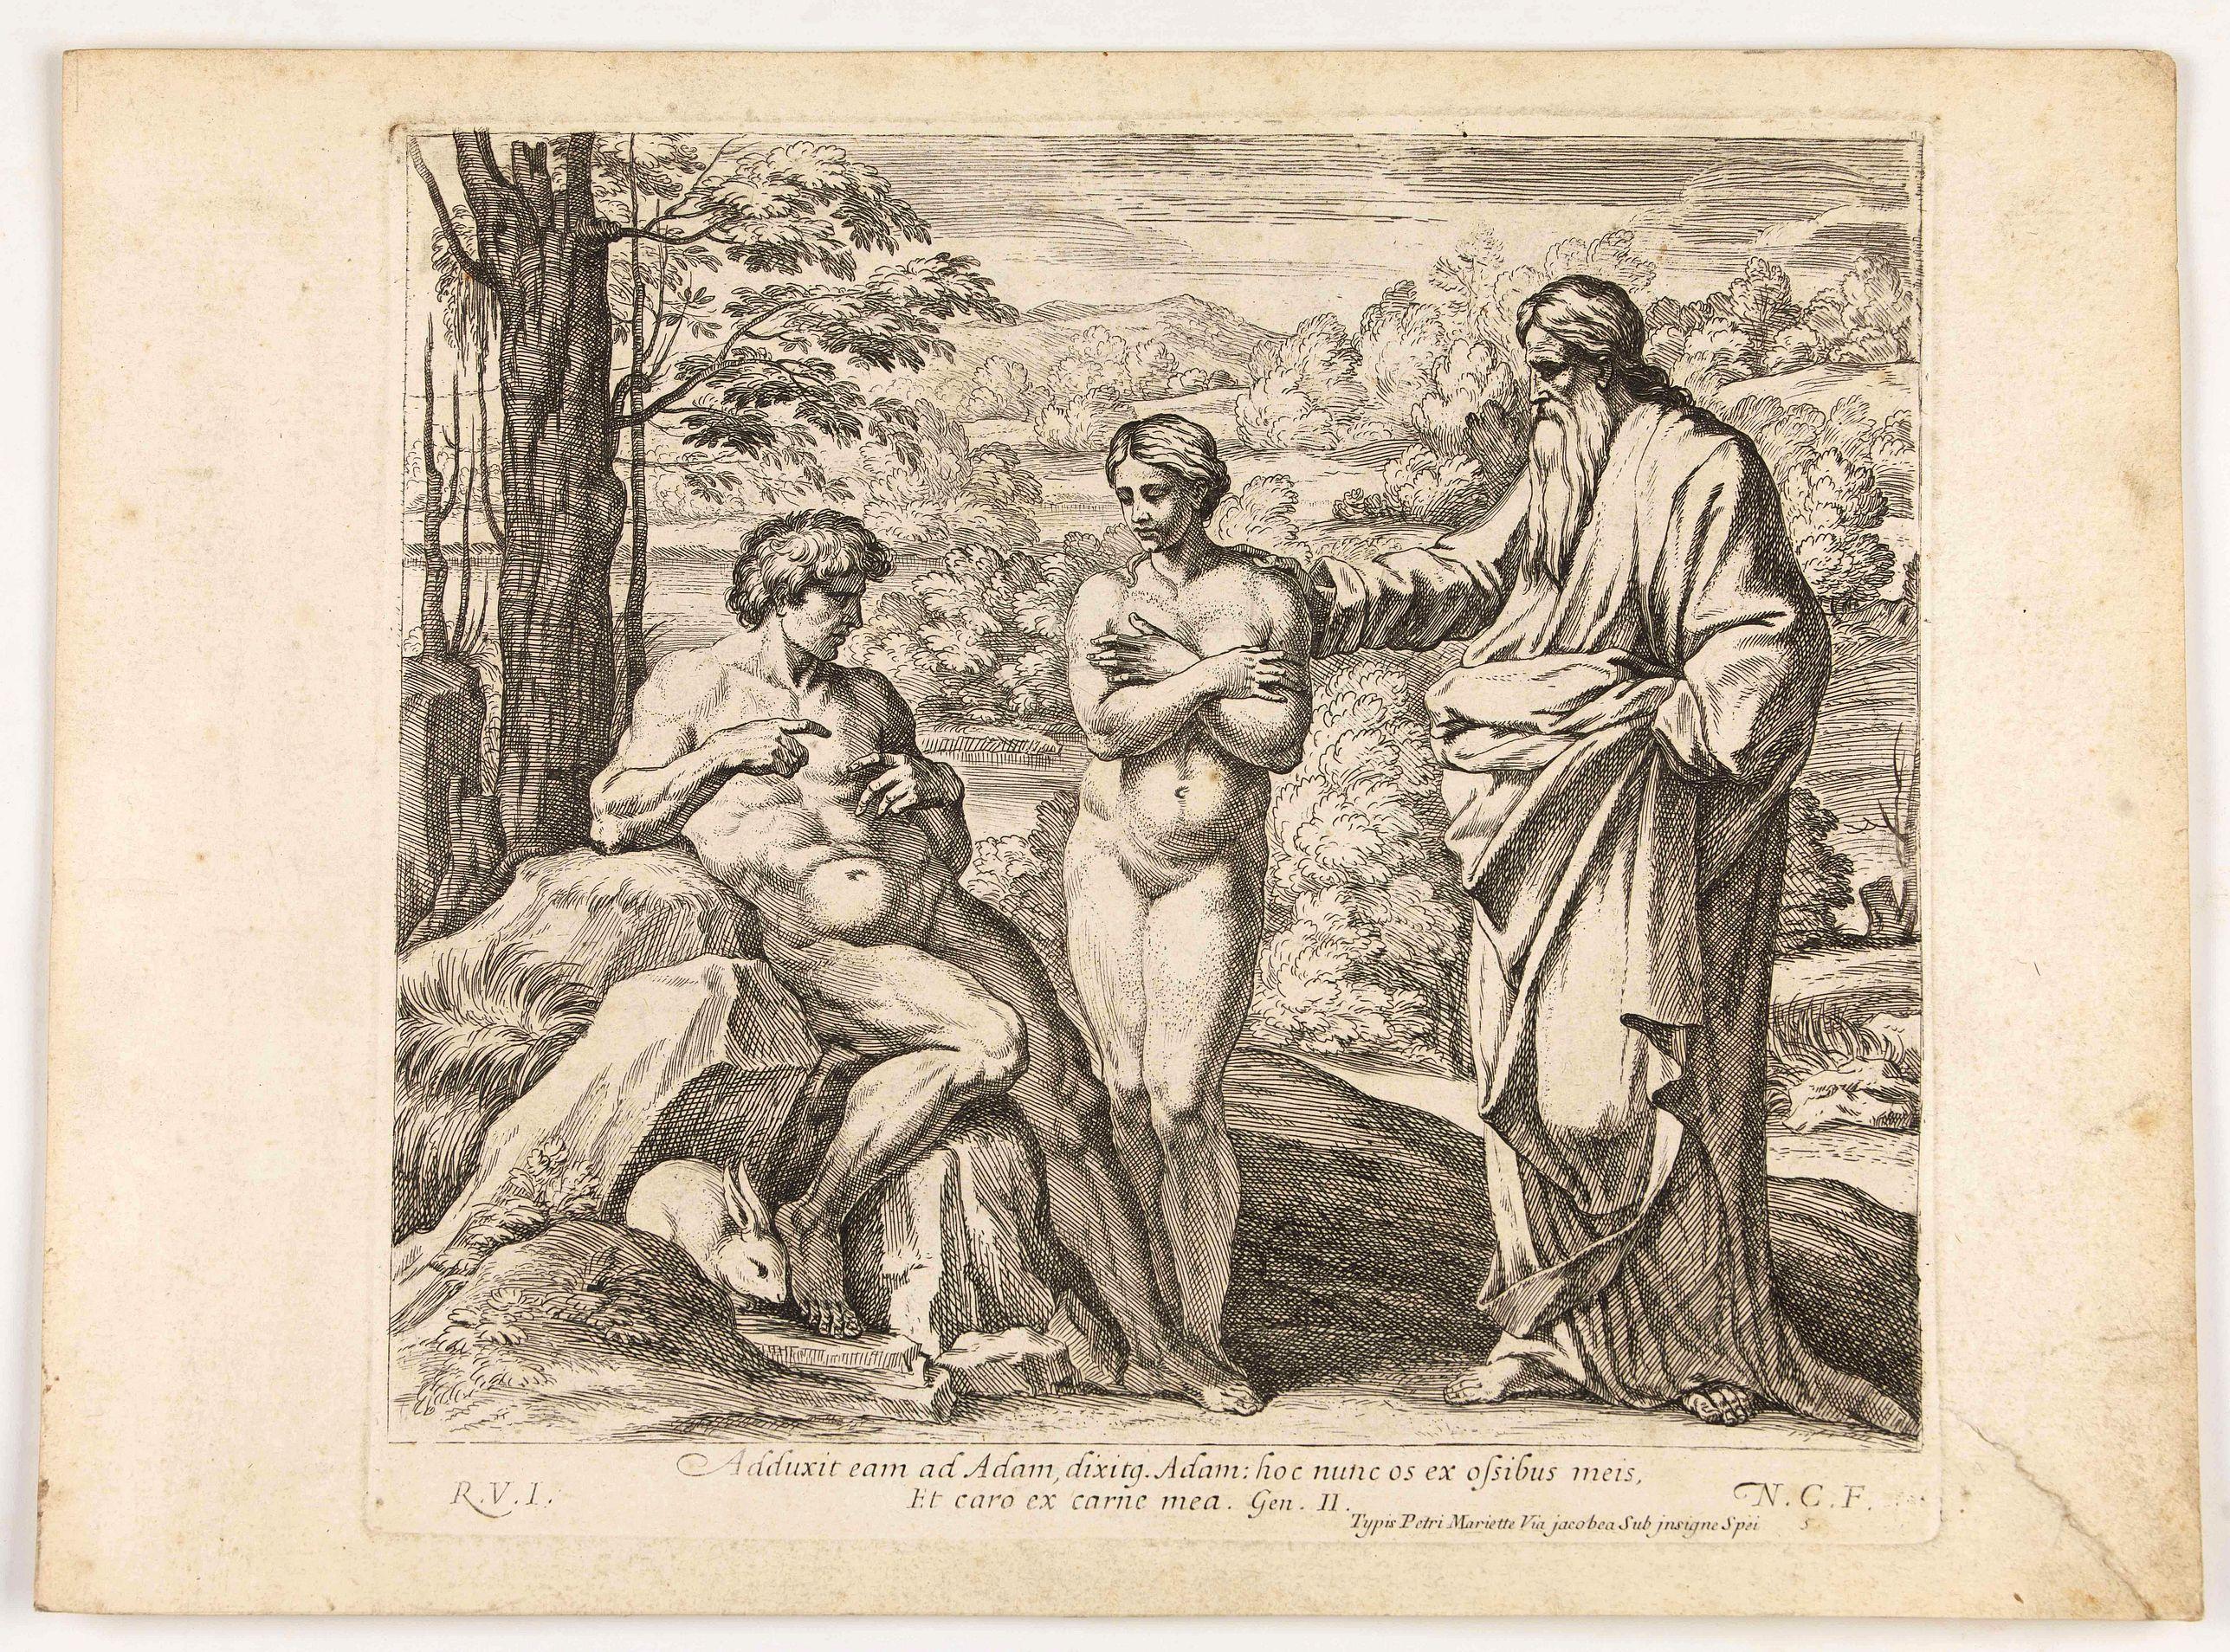 CHAPRON, N. -  Adduxit eam ad Adam, dixitg Adam hocnunc os ex ossibusmeis . . . (Plate 5)